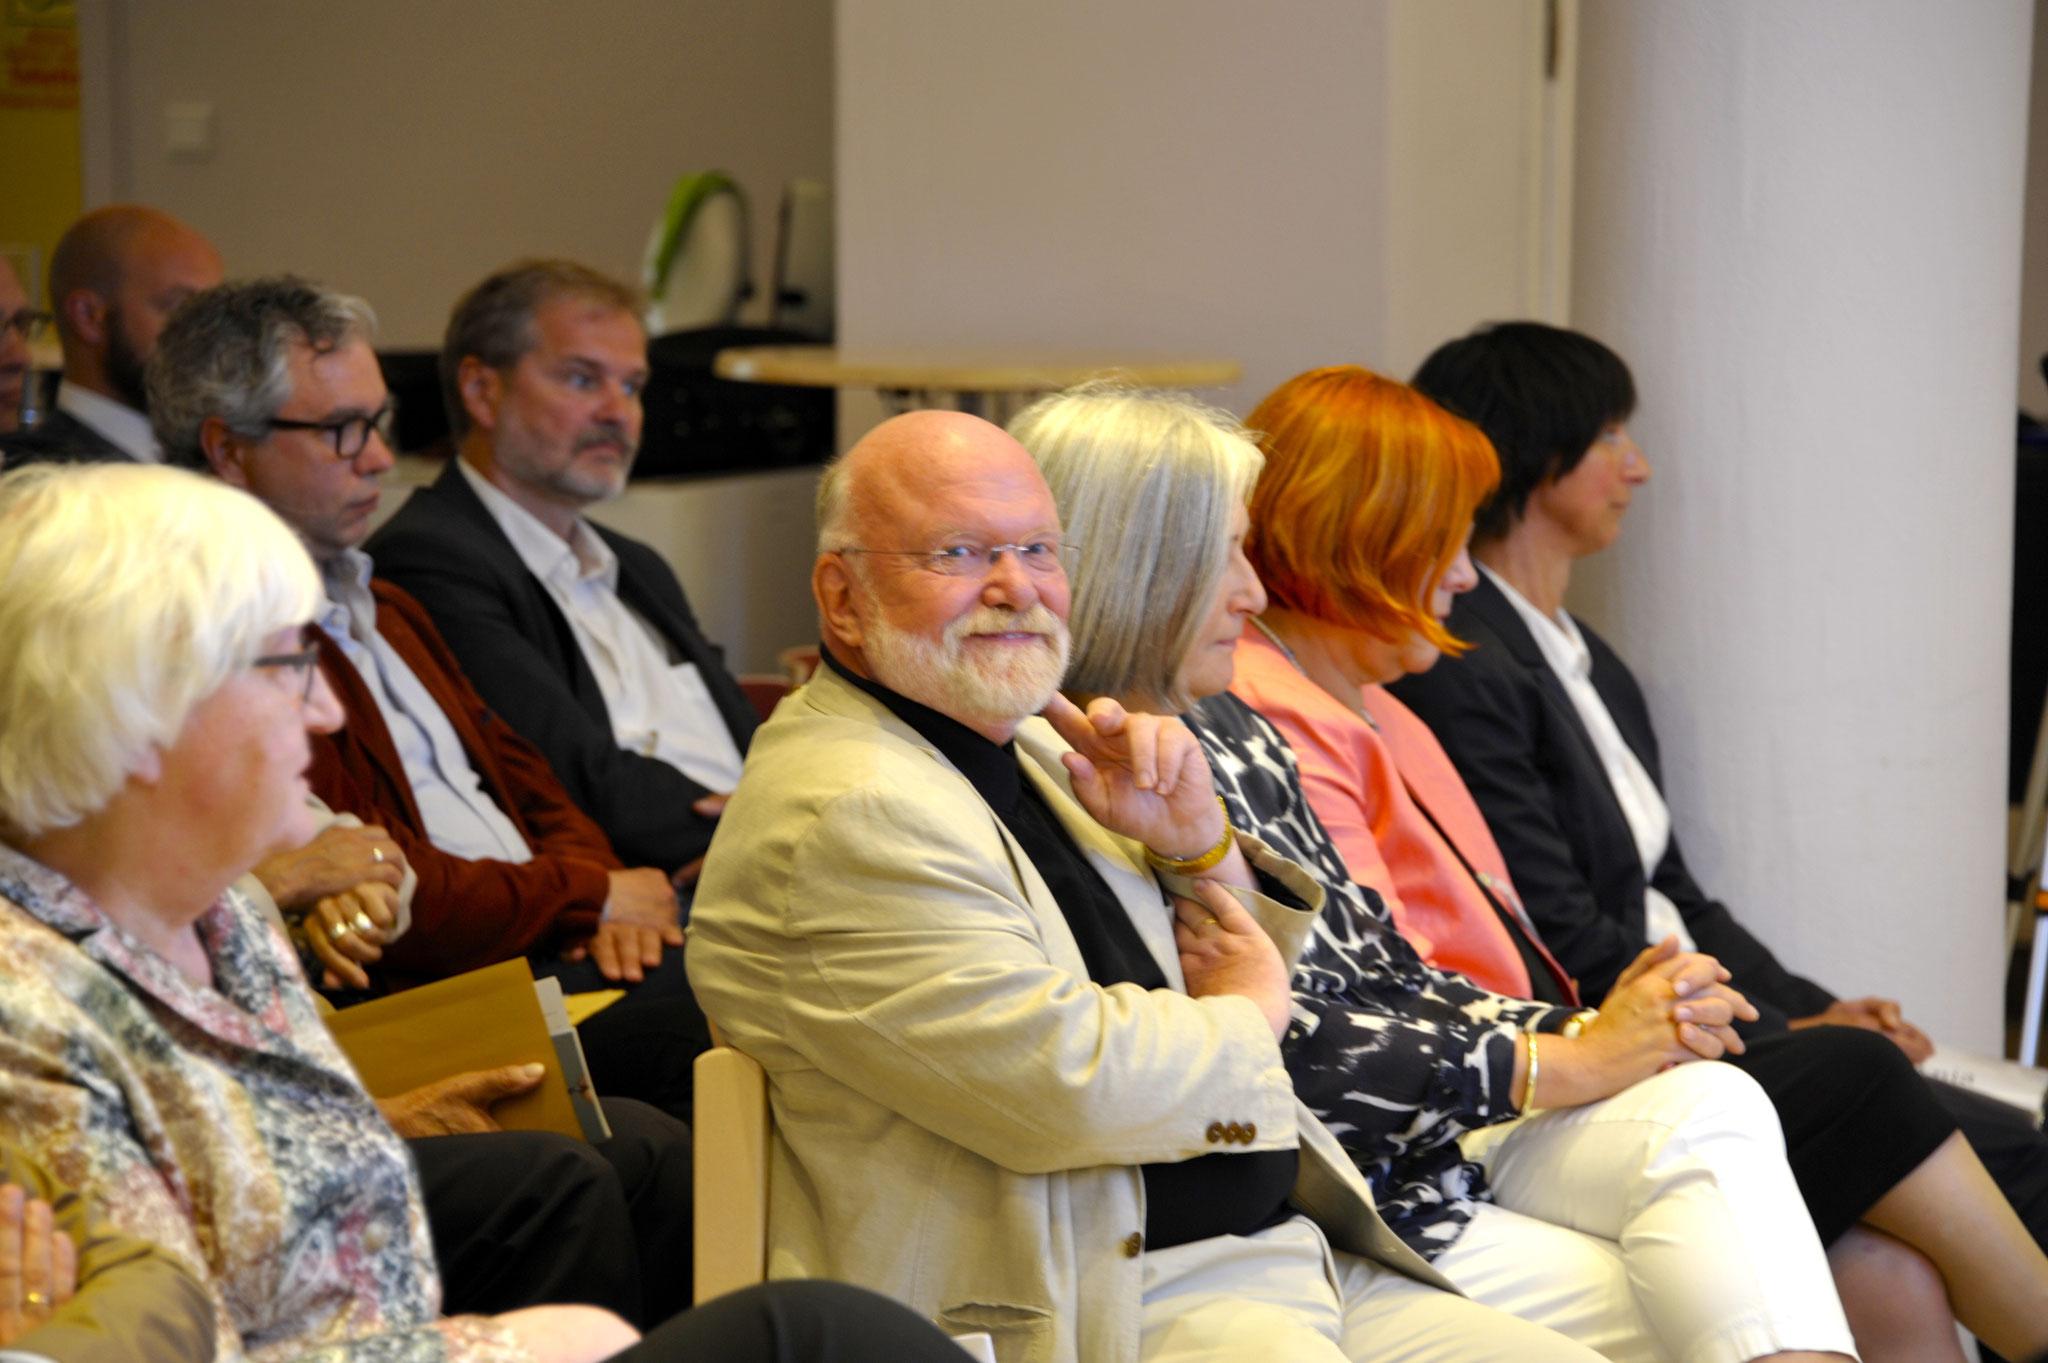 vl. Renate Mauritz, Reinhold Fahlbusch, Margret Bruns, Gunda Pollok-Jabbi, Dr. Anja Nelle